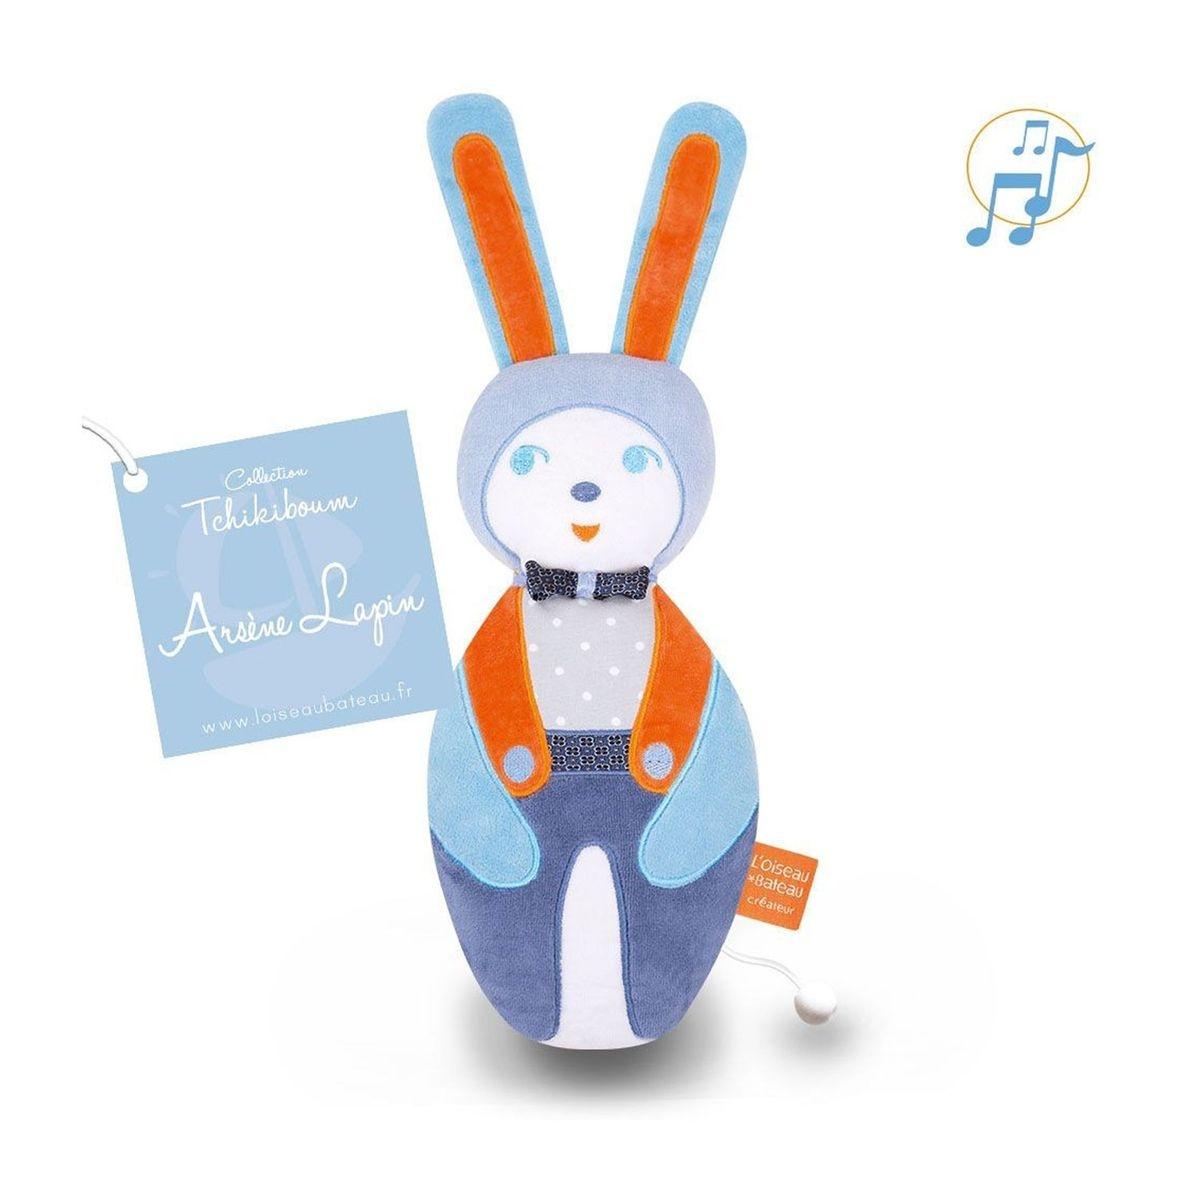 Doudou musical - Tchikiboum : Arsène lapin